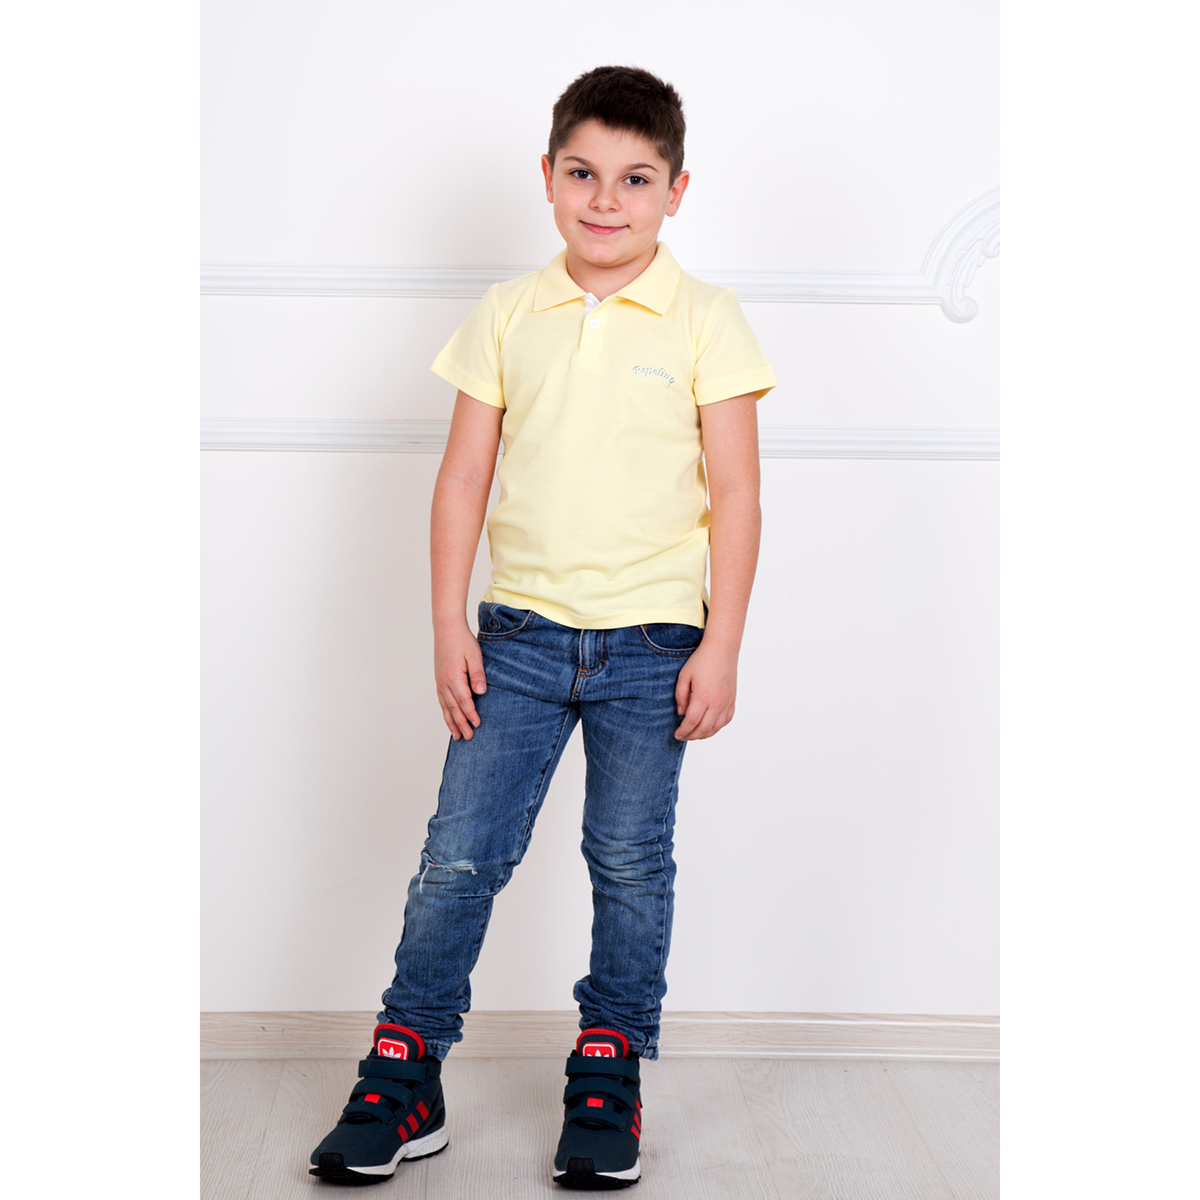 Детская футболка-поло Круиз, размер 4 годаФутболки и майки<br><br><br>Тип: Дет. футболка<br>Размер: 4 года<br>Материал: Пике